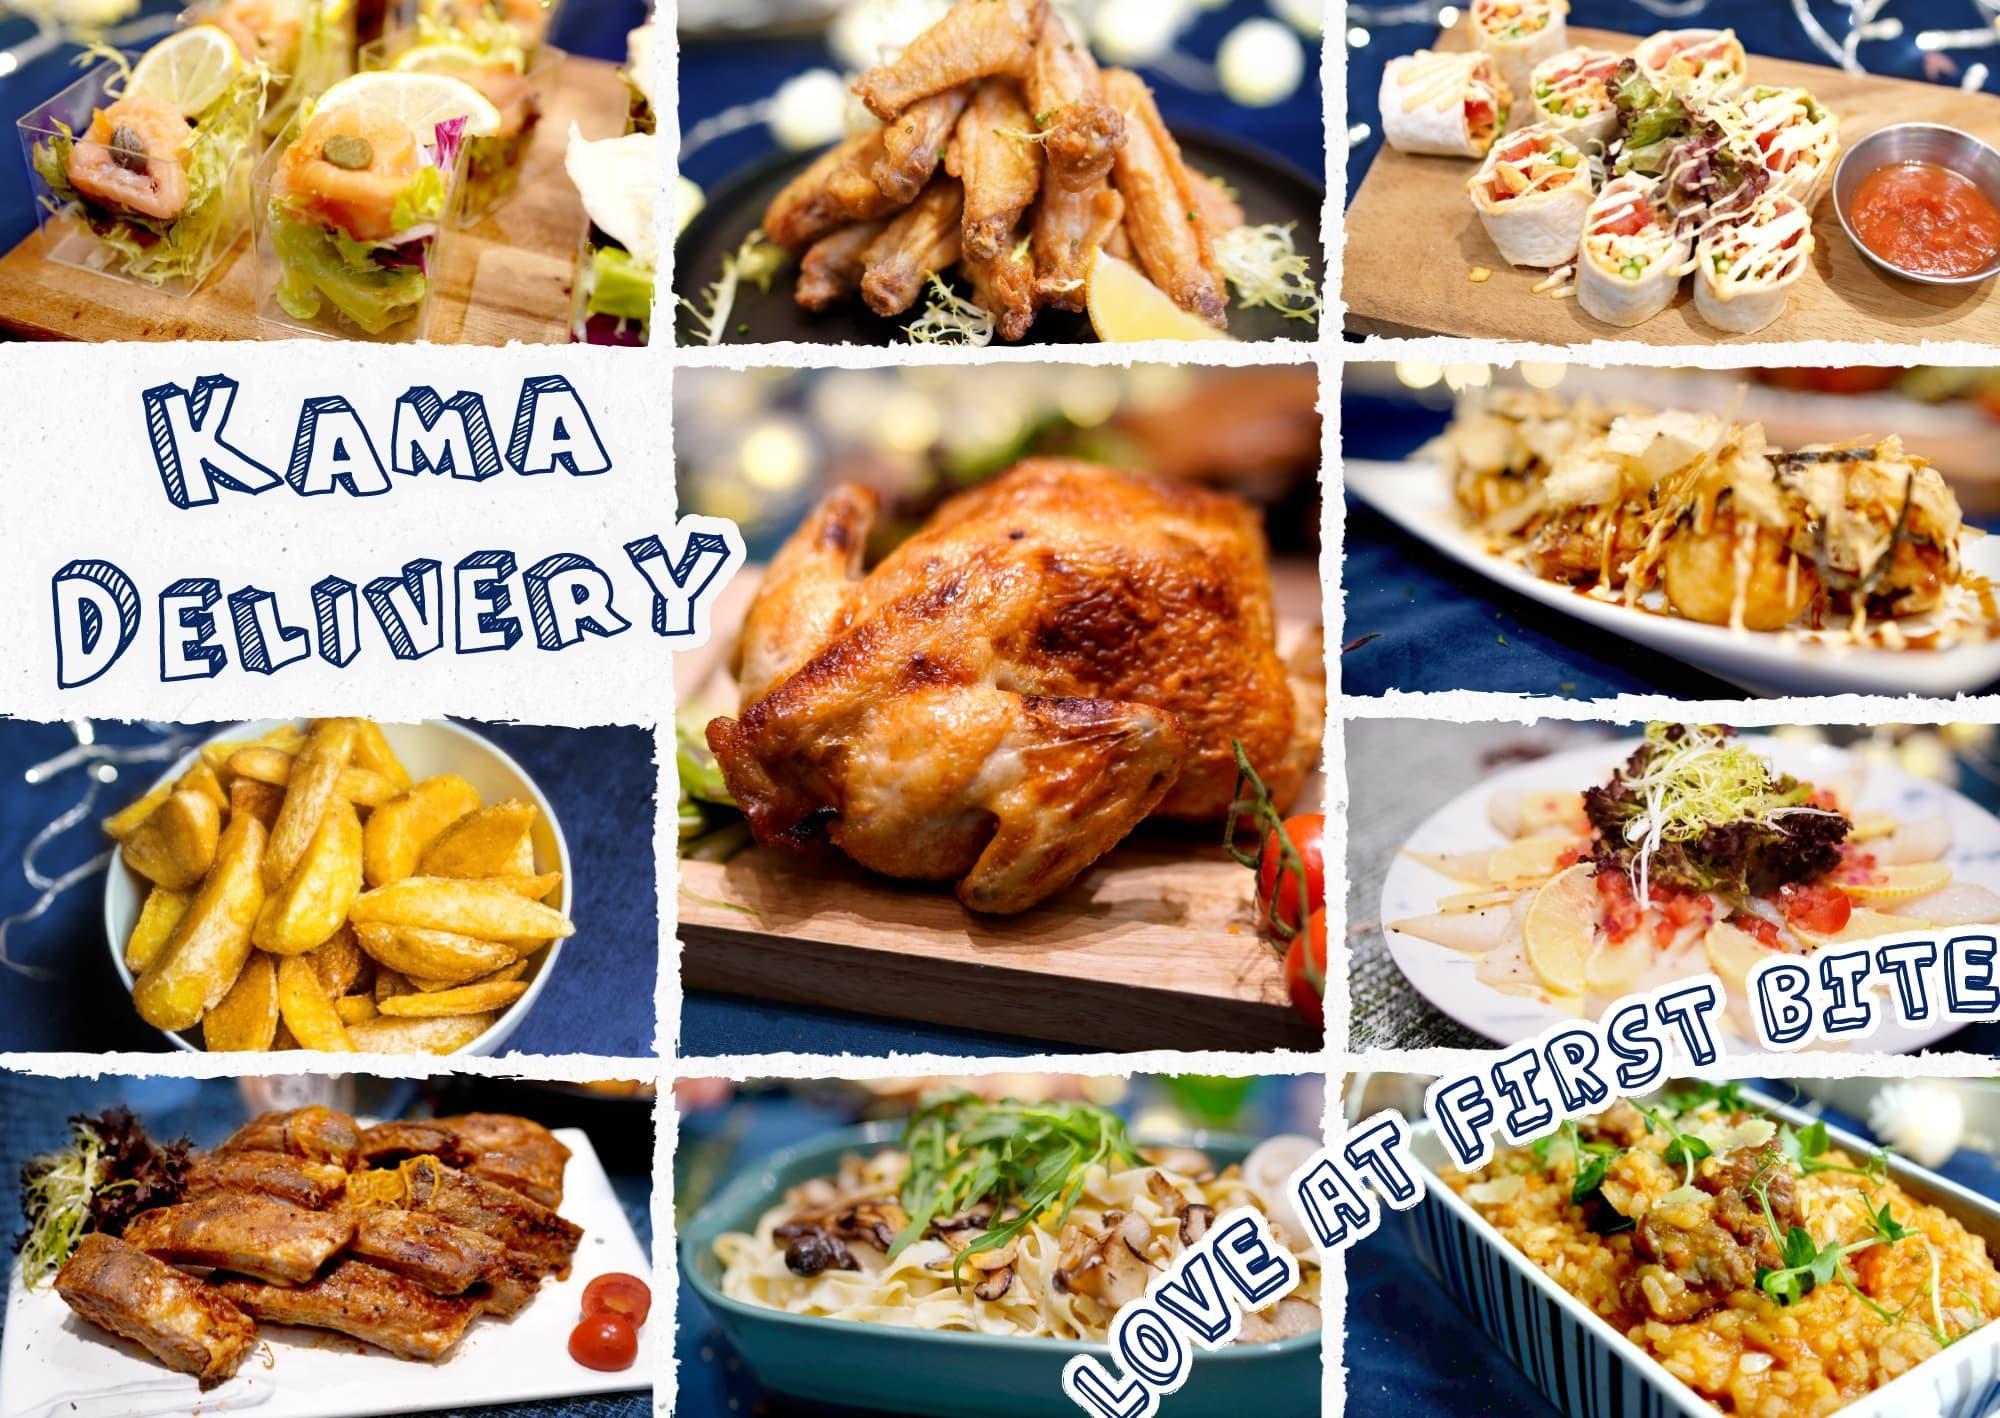 99人外賣套餐預訂 Kama Delivery為大型Party製作各款西式食品,並可為你的派對度身訂造特定Menu及按人數調整食物份量。